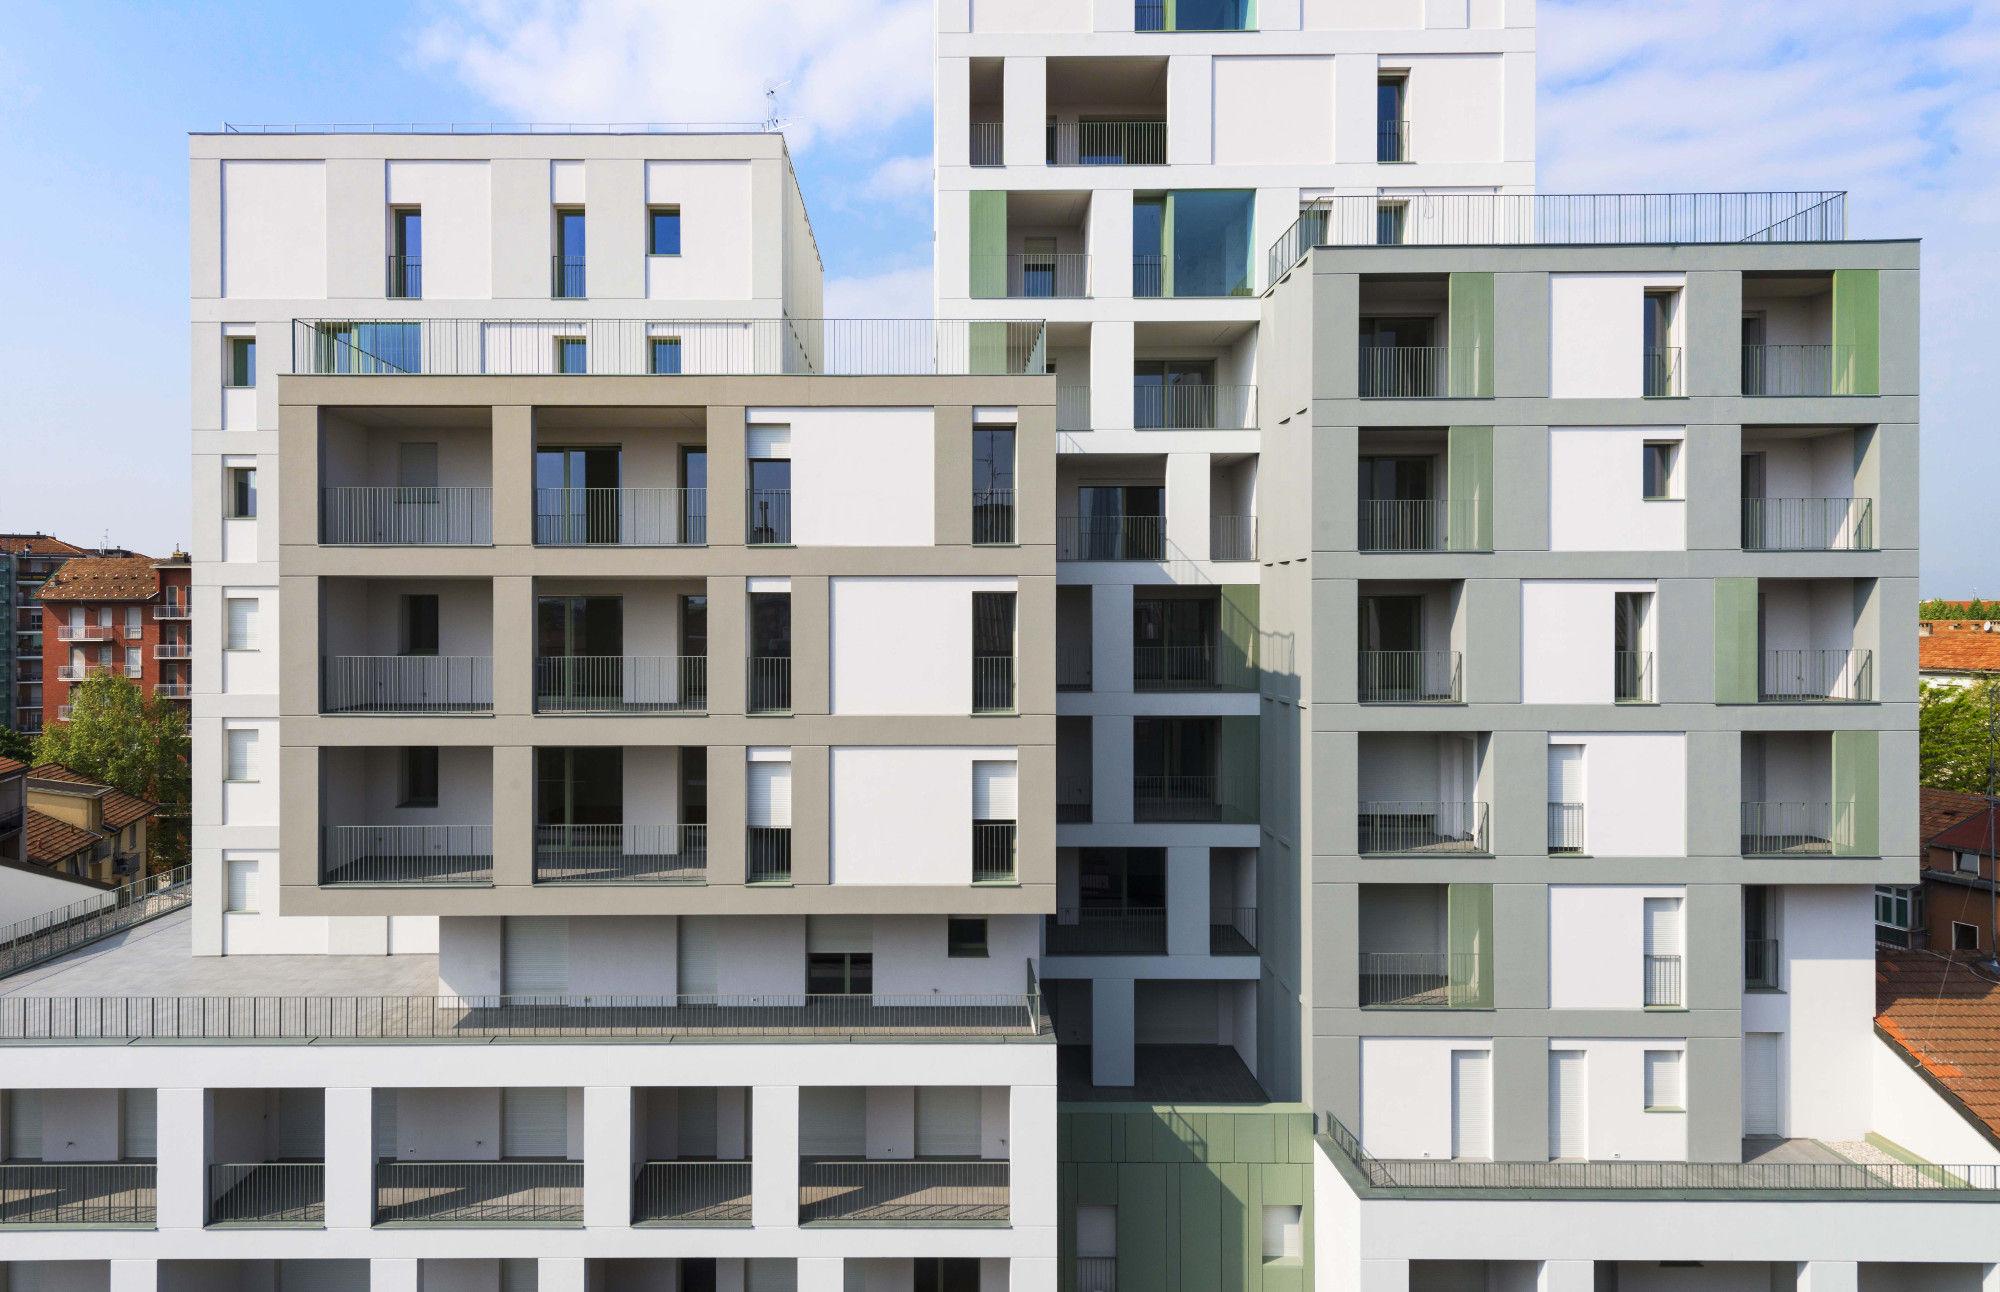 Nuovo edificio residenziale - image 11